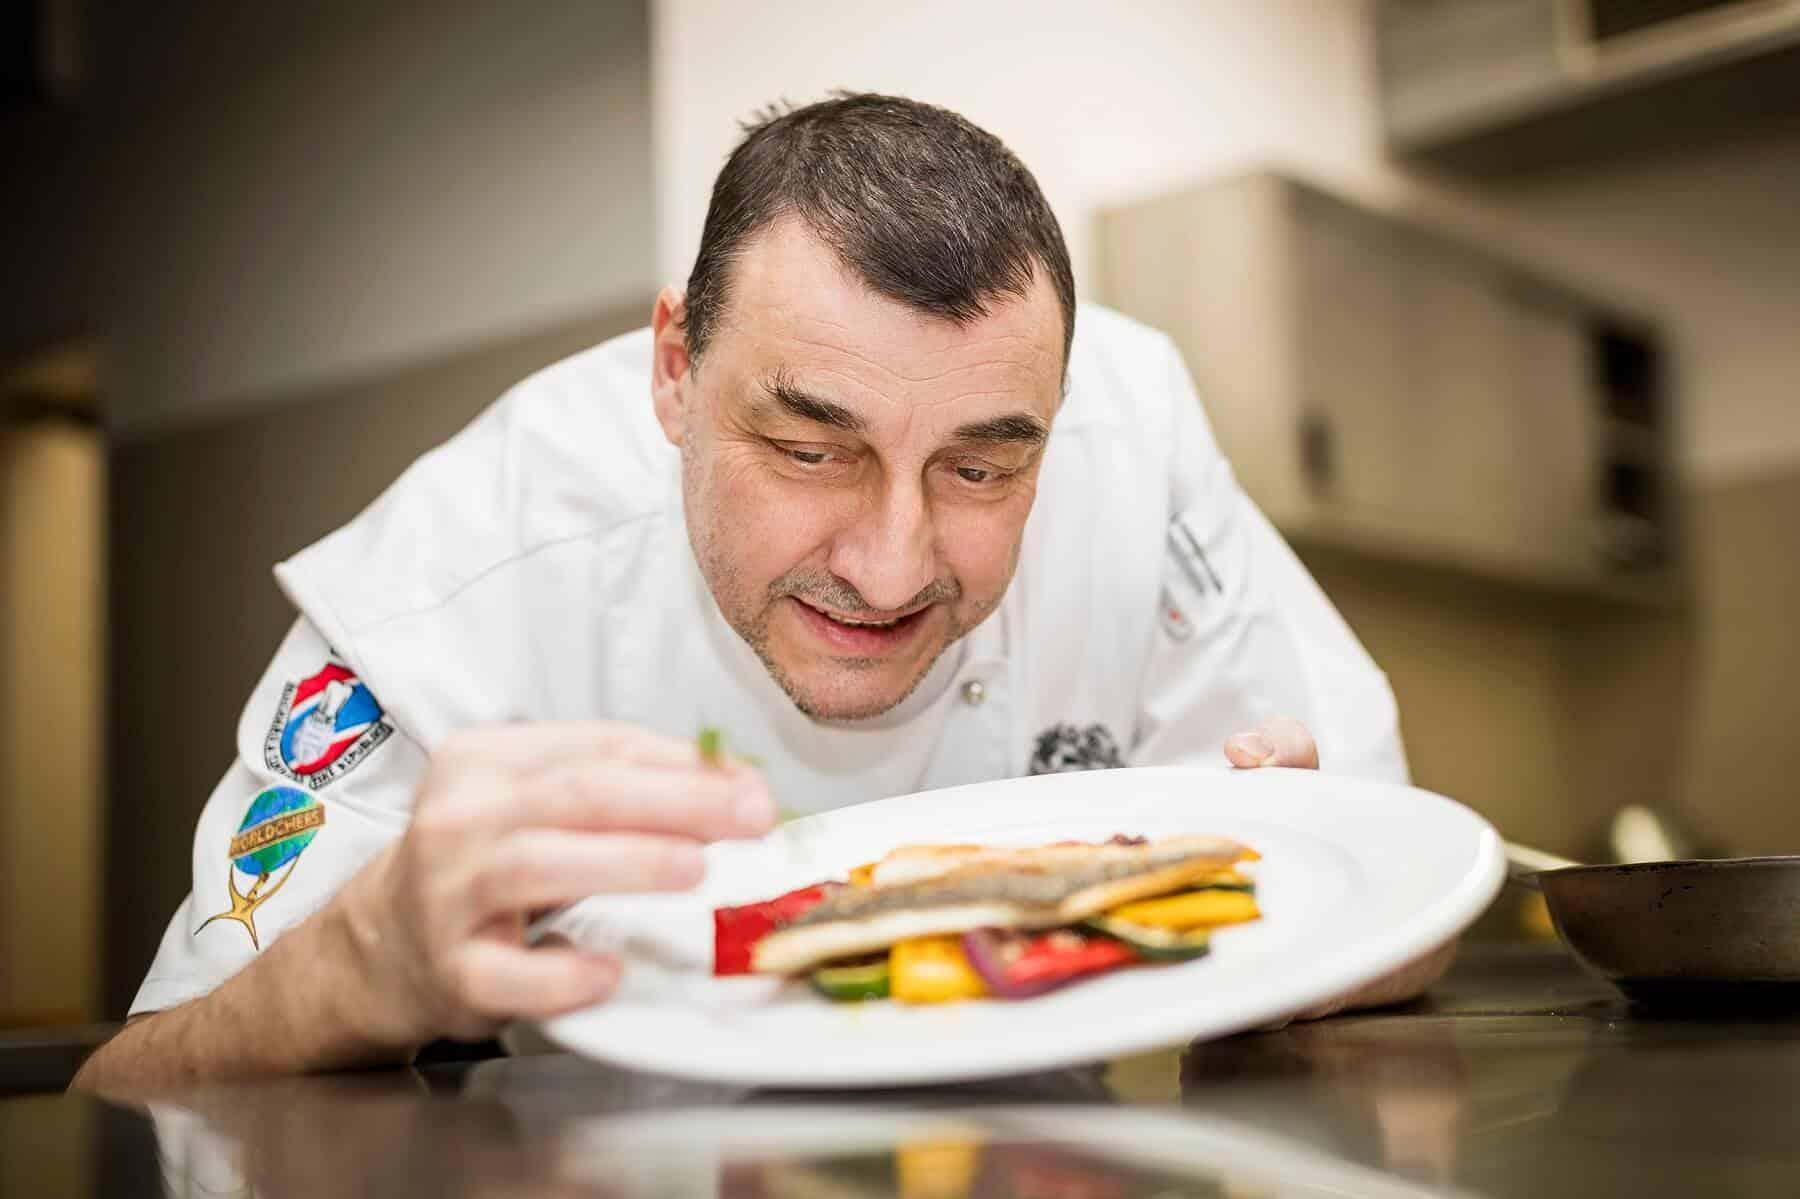 Šéfkuchař Jan Pýcha